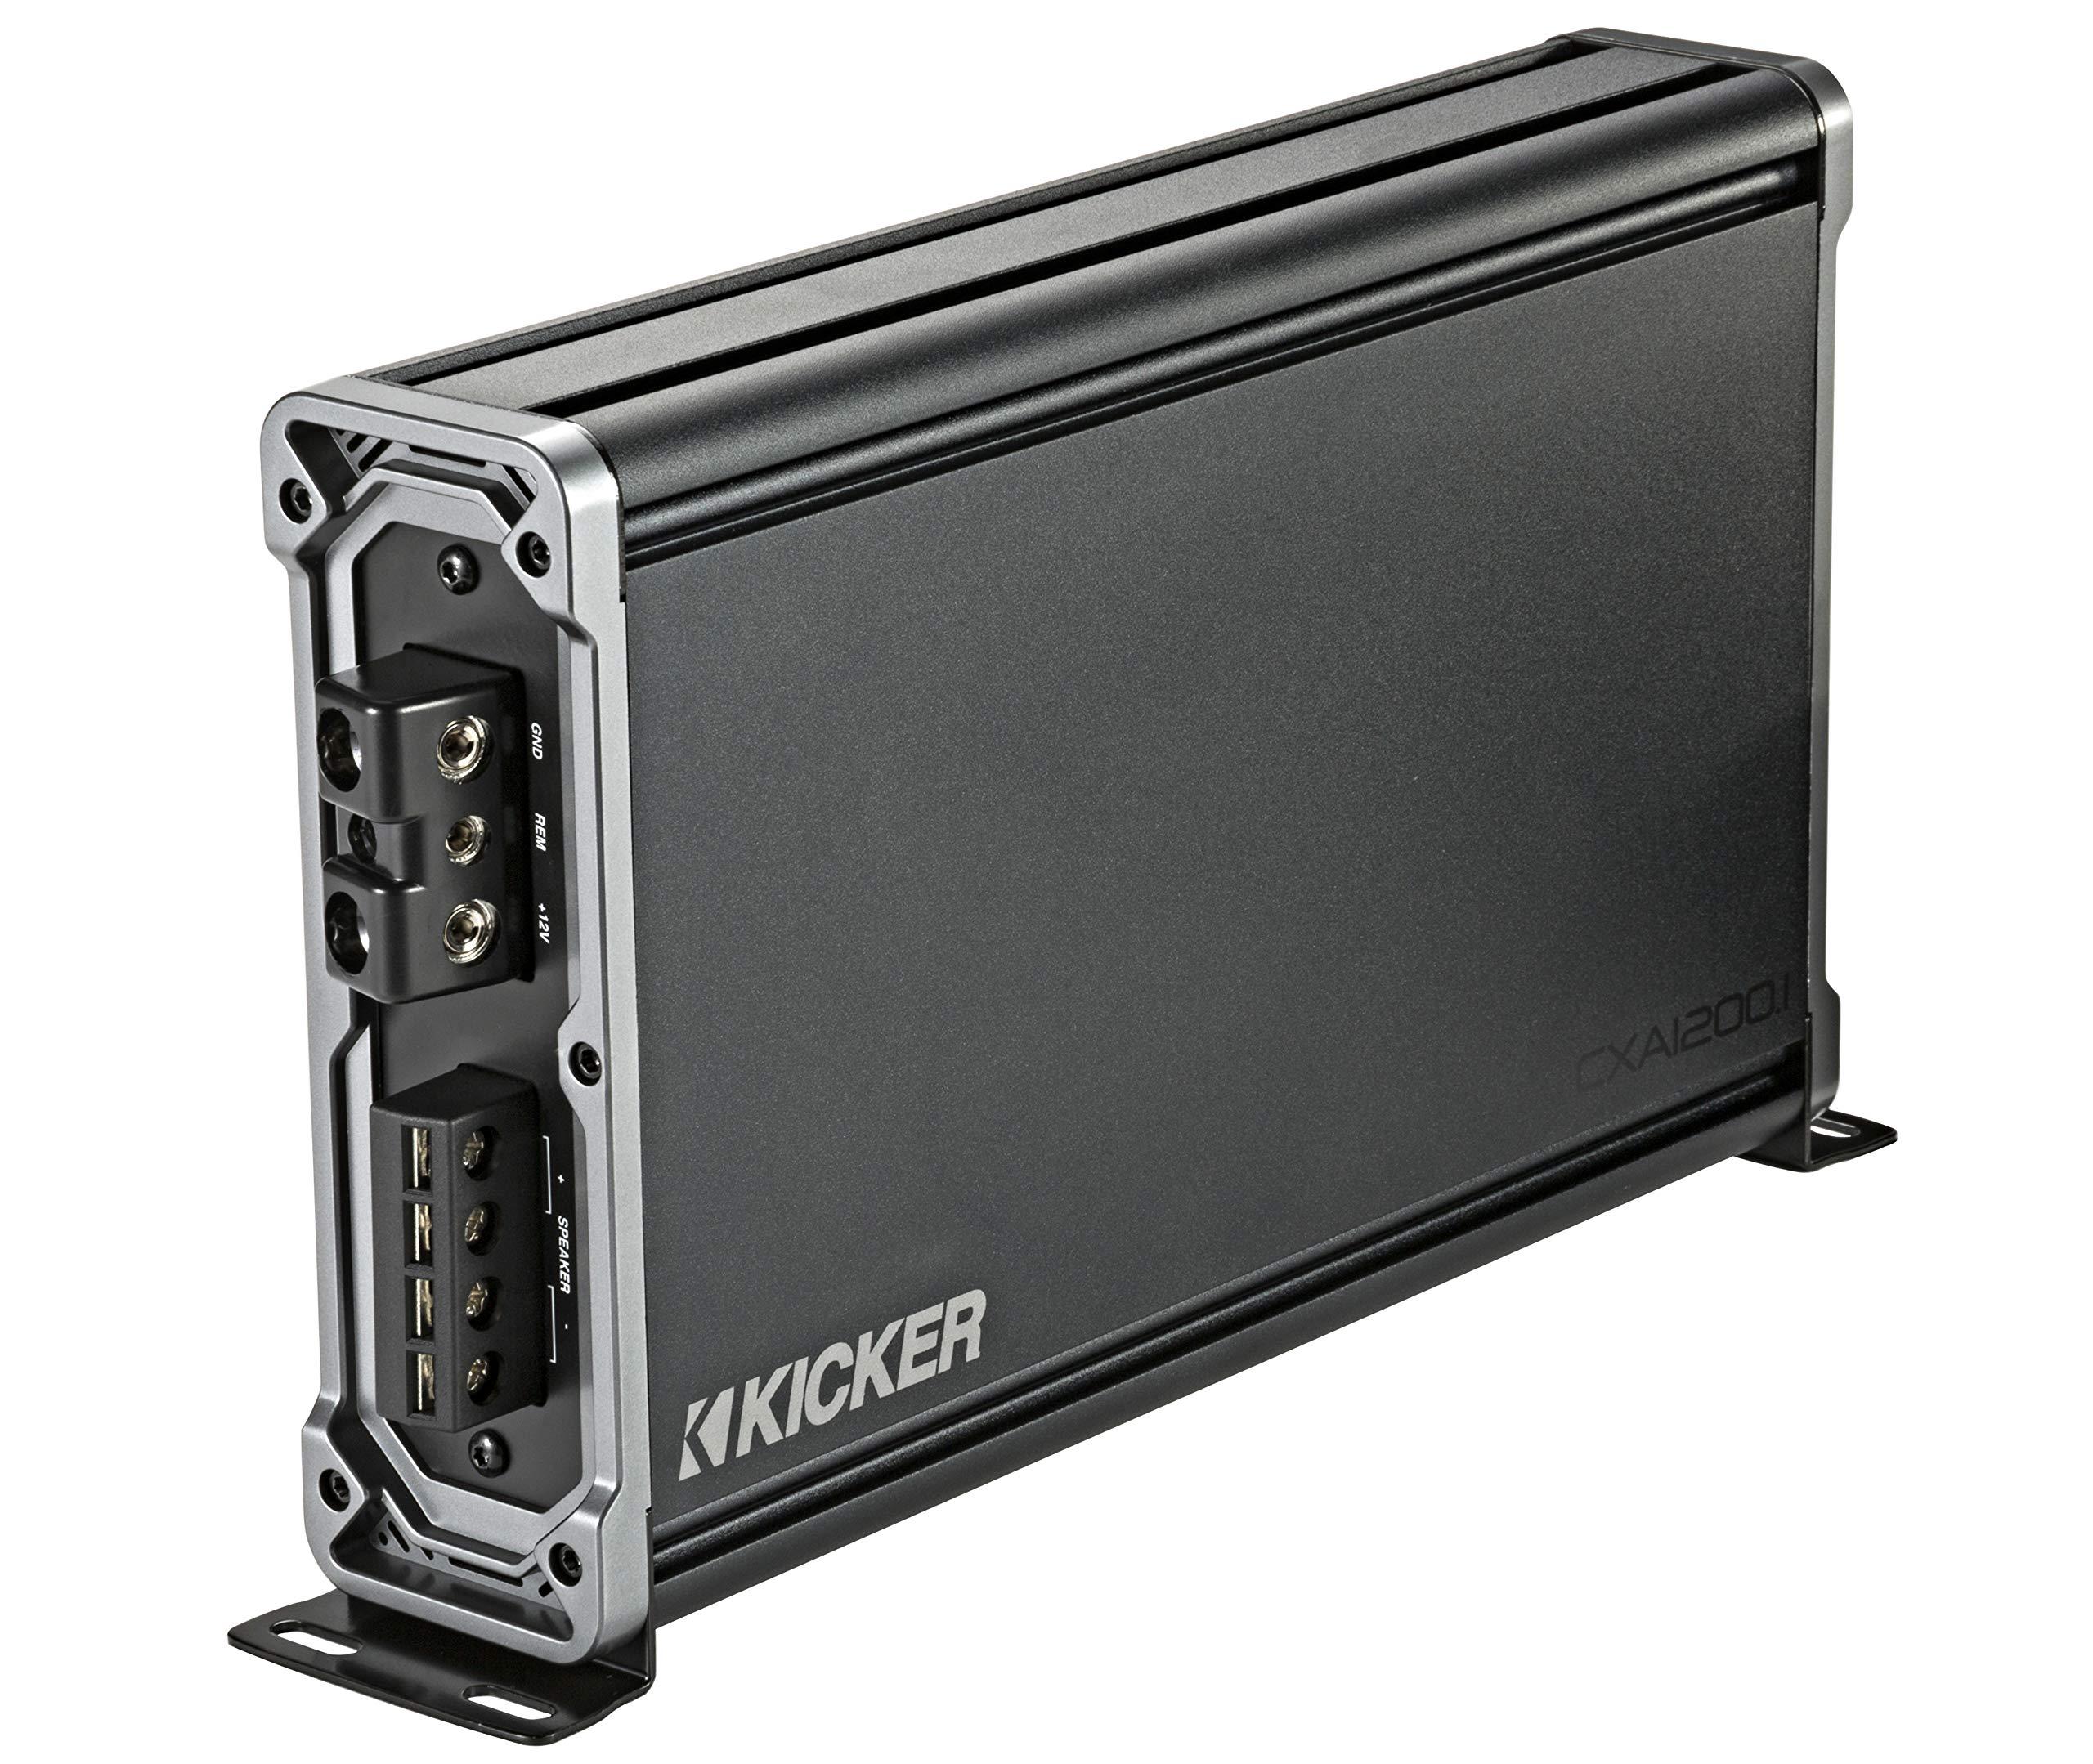 Kicker 43 cxa12001 classd Amplifier Negro: Amazon.es: Electrónica